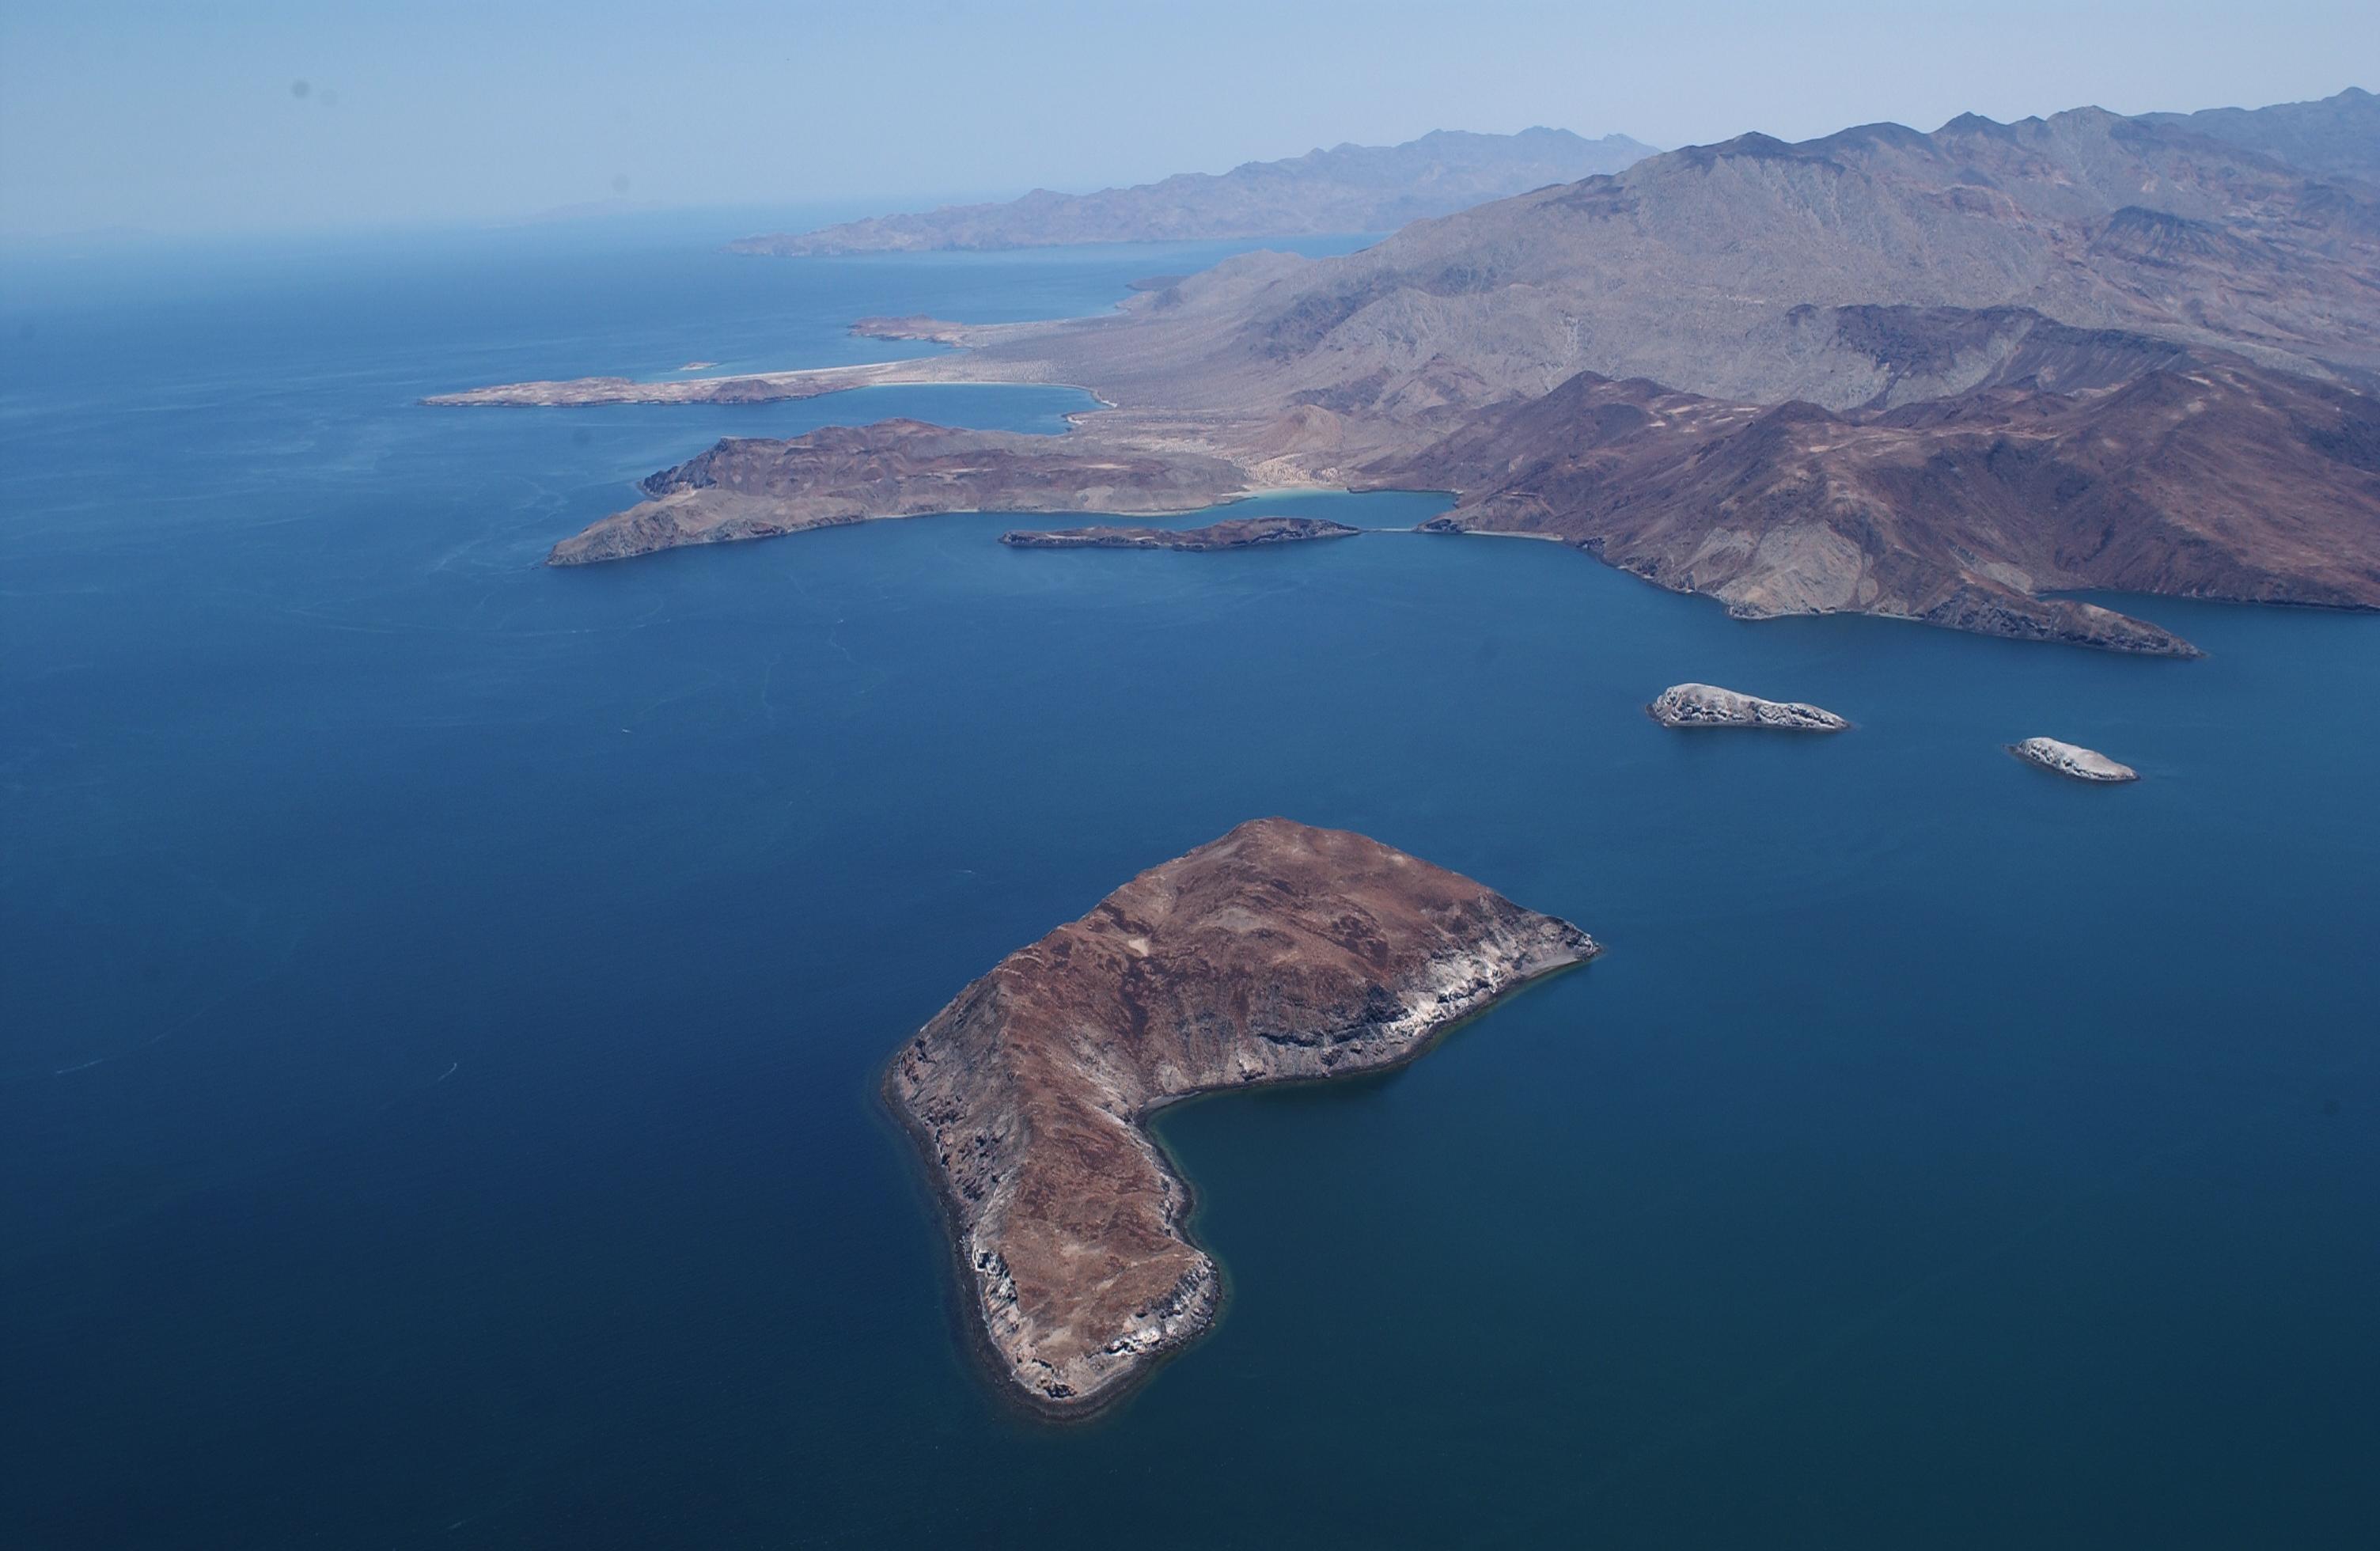 El Golfo de California fue el primer ordenamiento ecológico de modalidad marina expedido en el país, en el 2006.